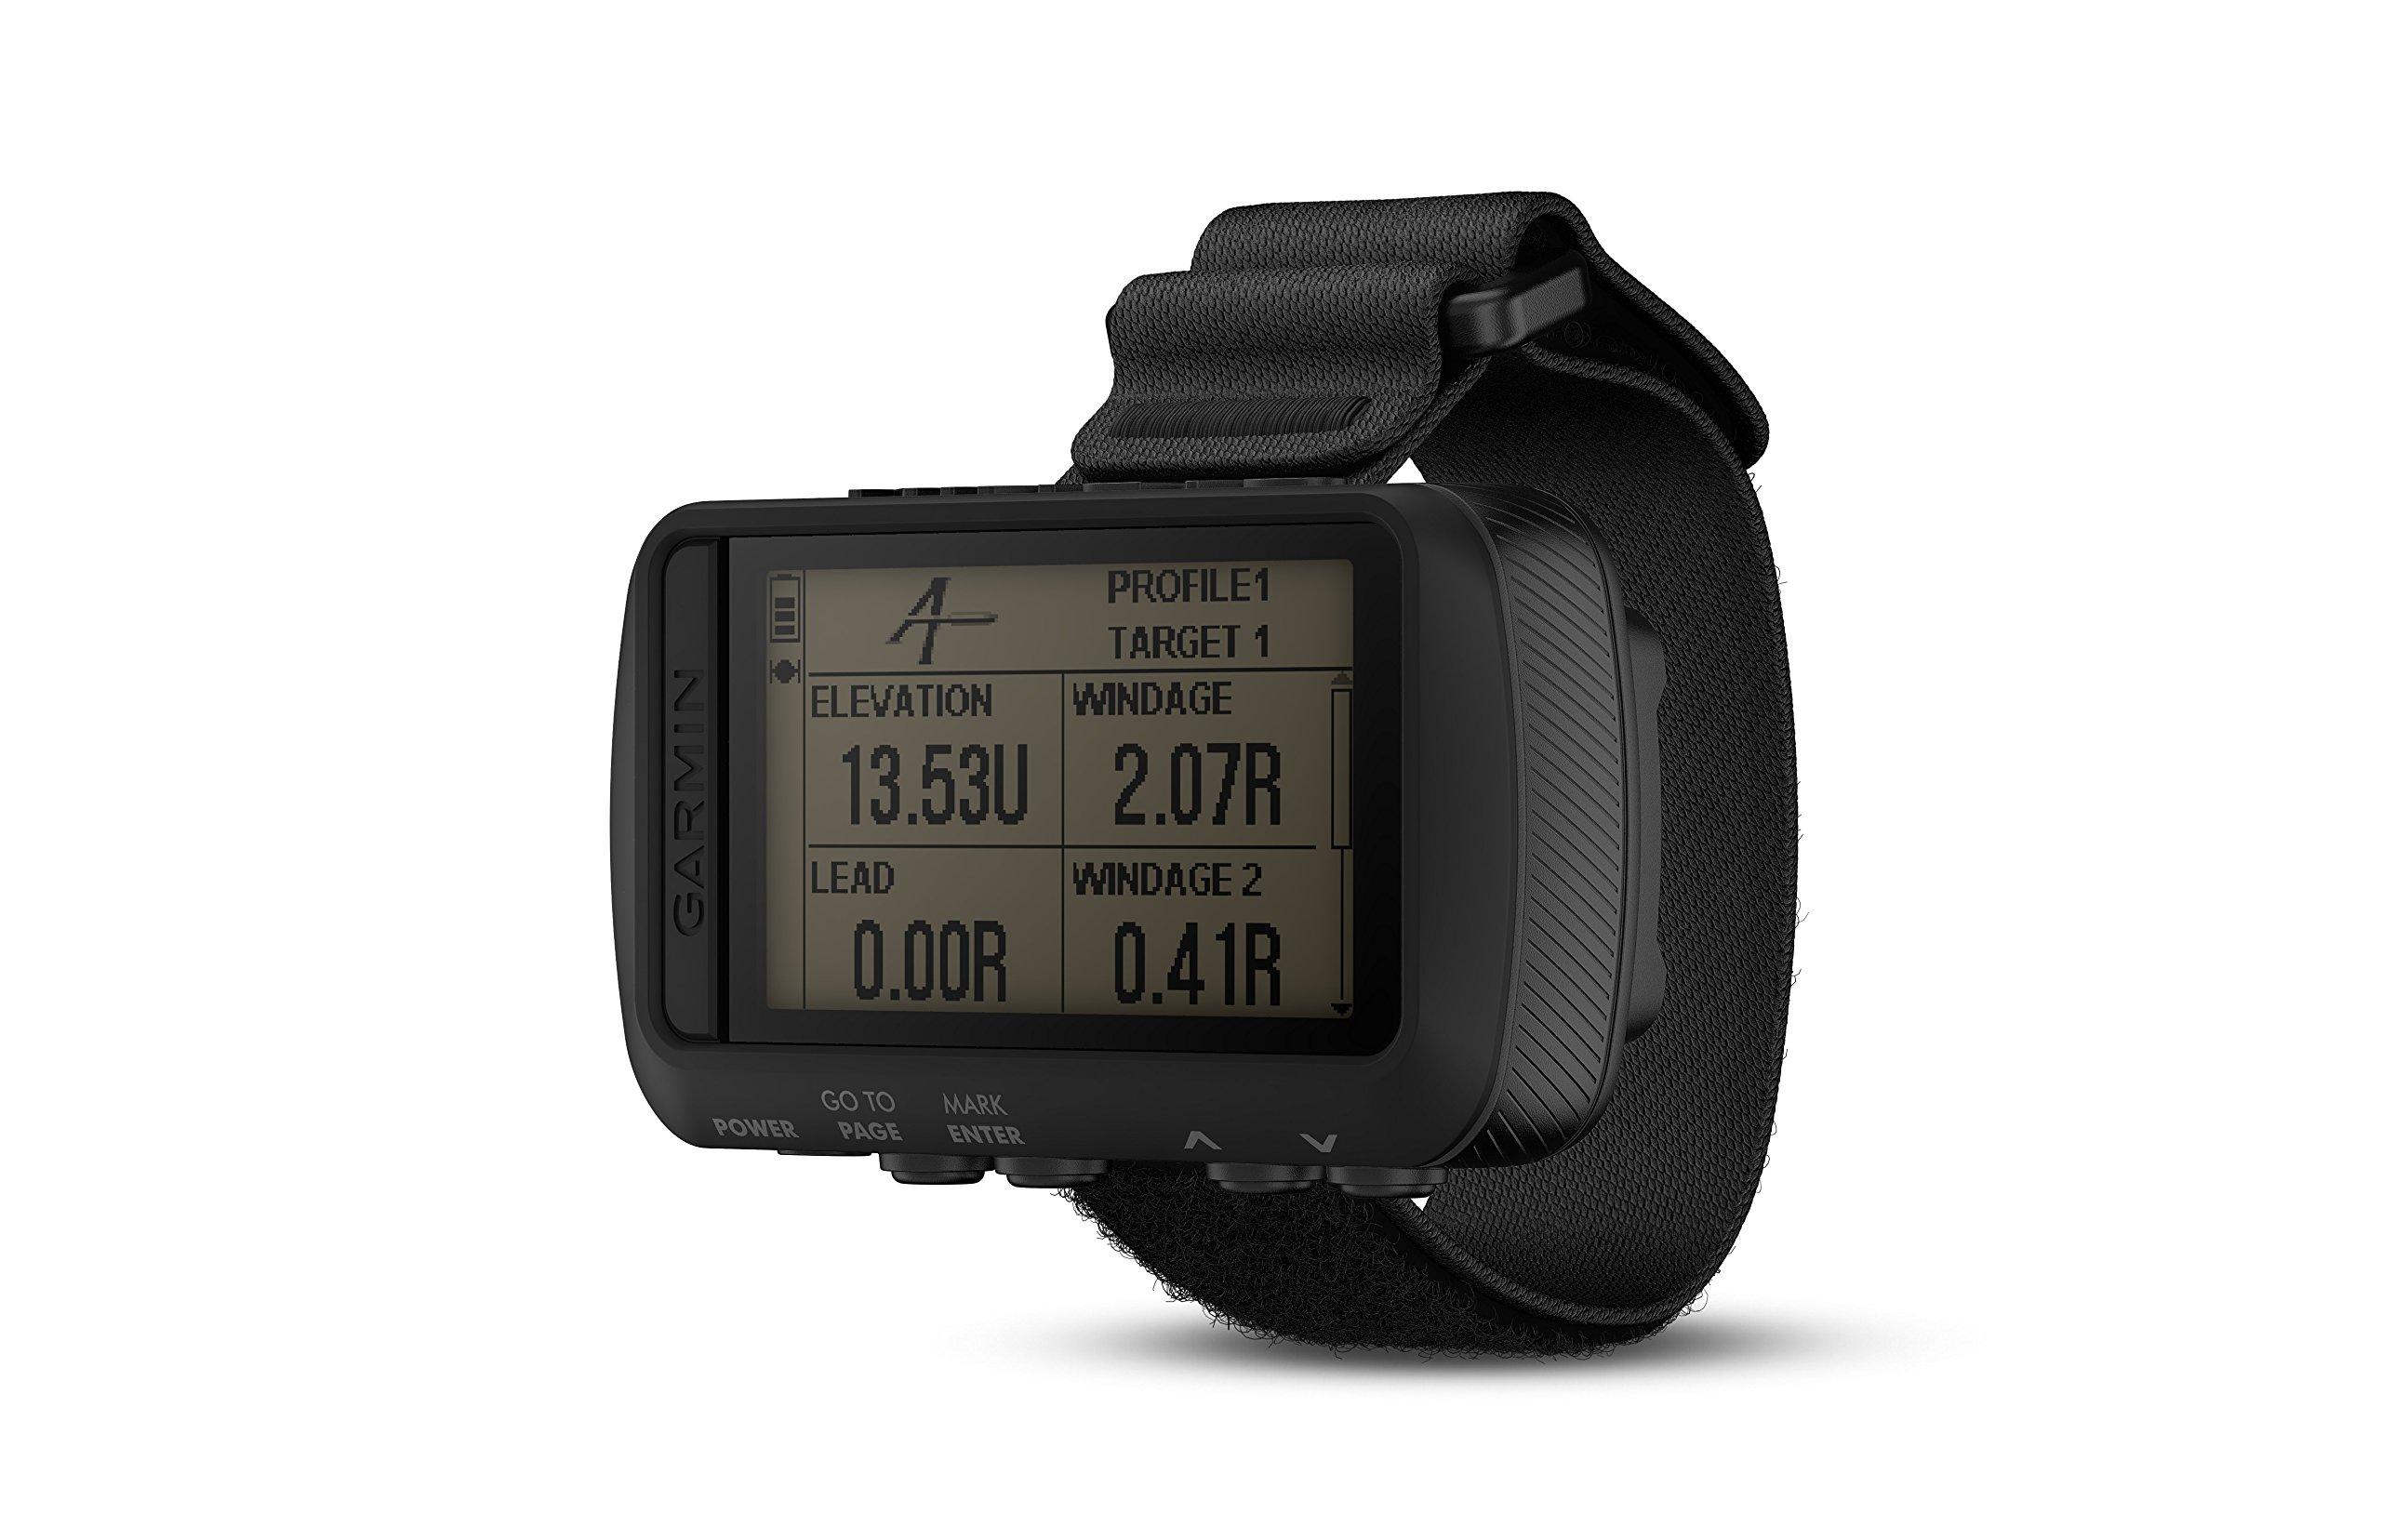 Thames Garmin Foretrex 701 Ballistic Edition, GPS, WW 1